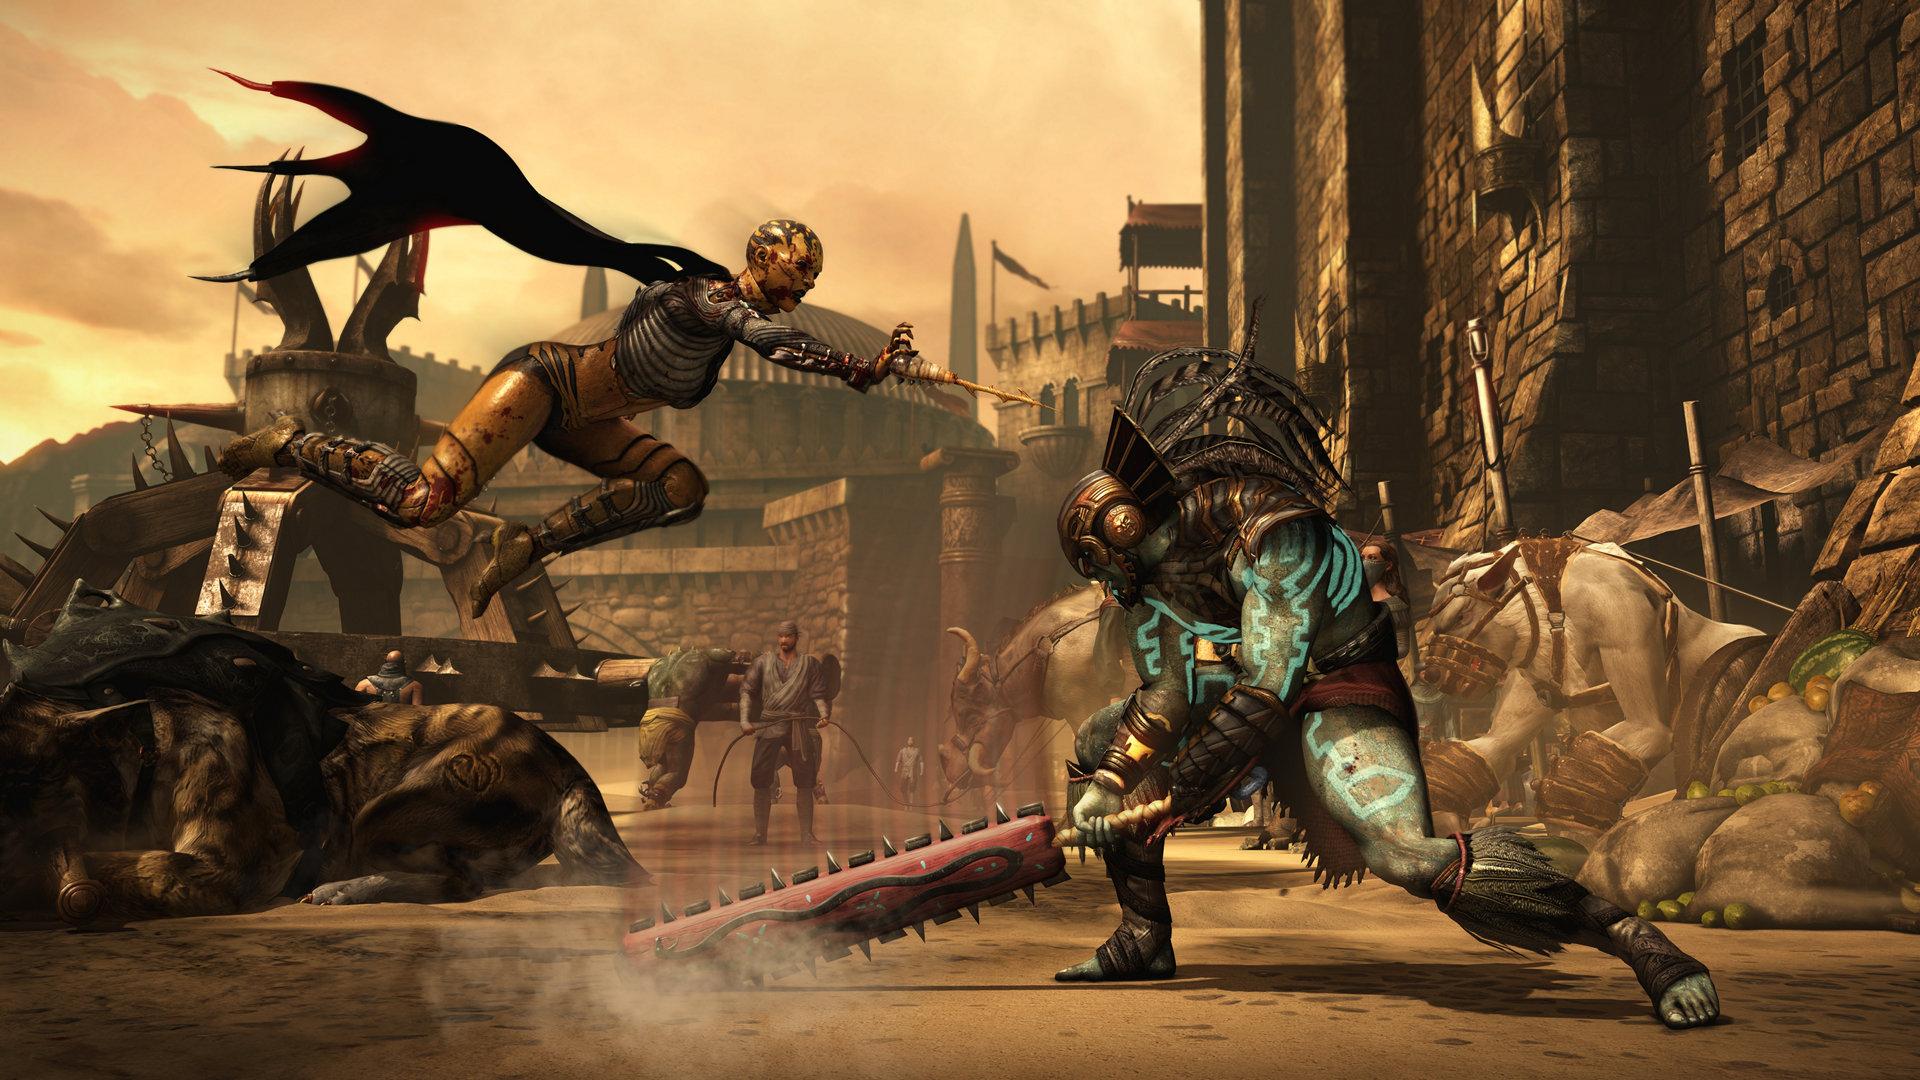 Mortal Kombat X Game | PS4 - PlayStation